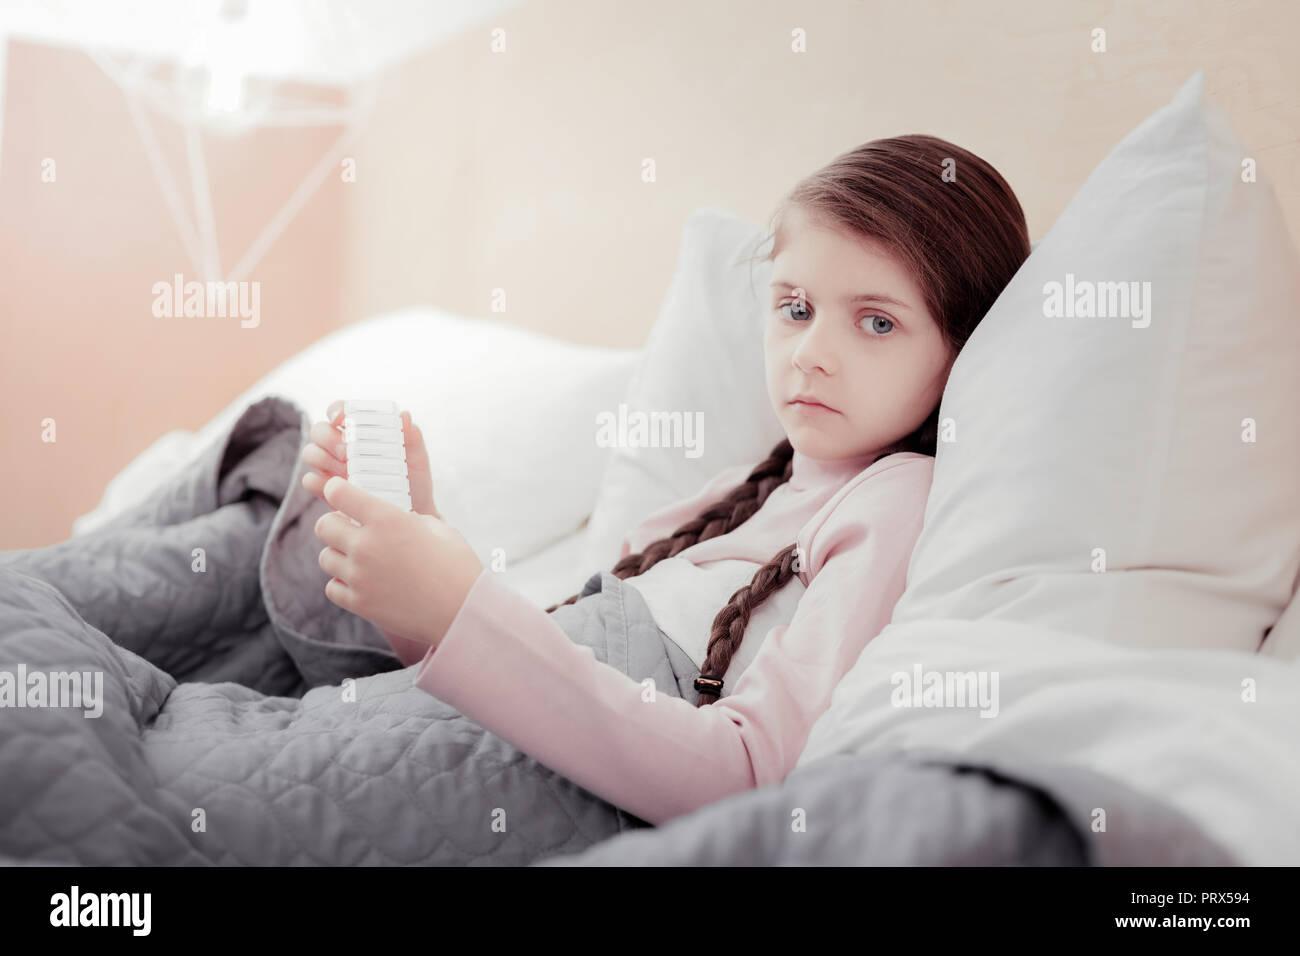 In der Nähe von hellen krankes Mädchen im Bett Stockbild